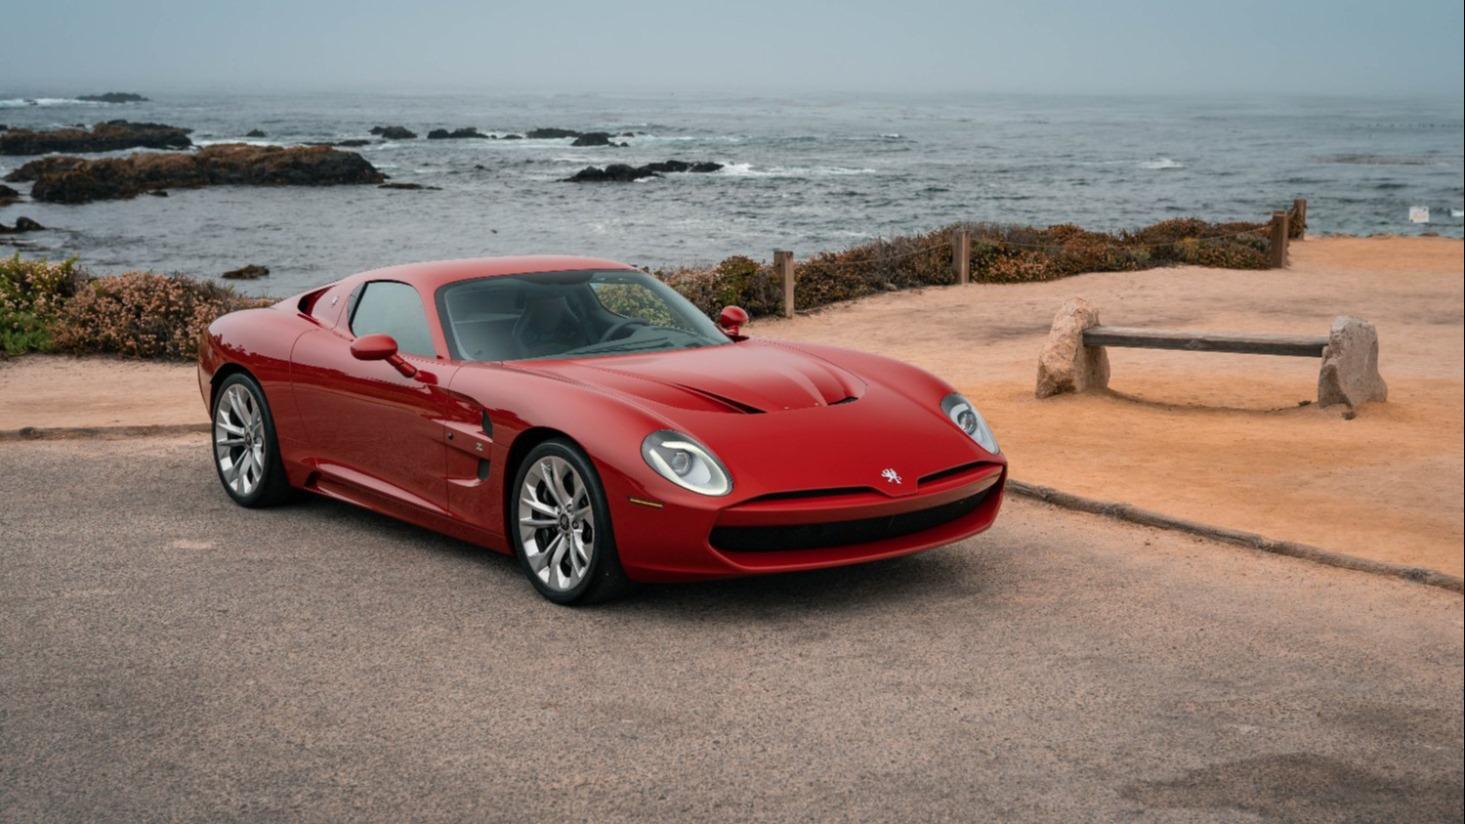 Har du lyst på en Corvette til 11,6 millioner kroner?